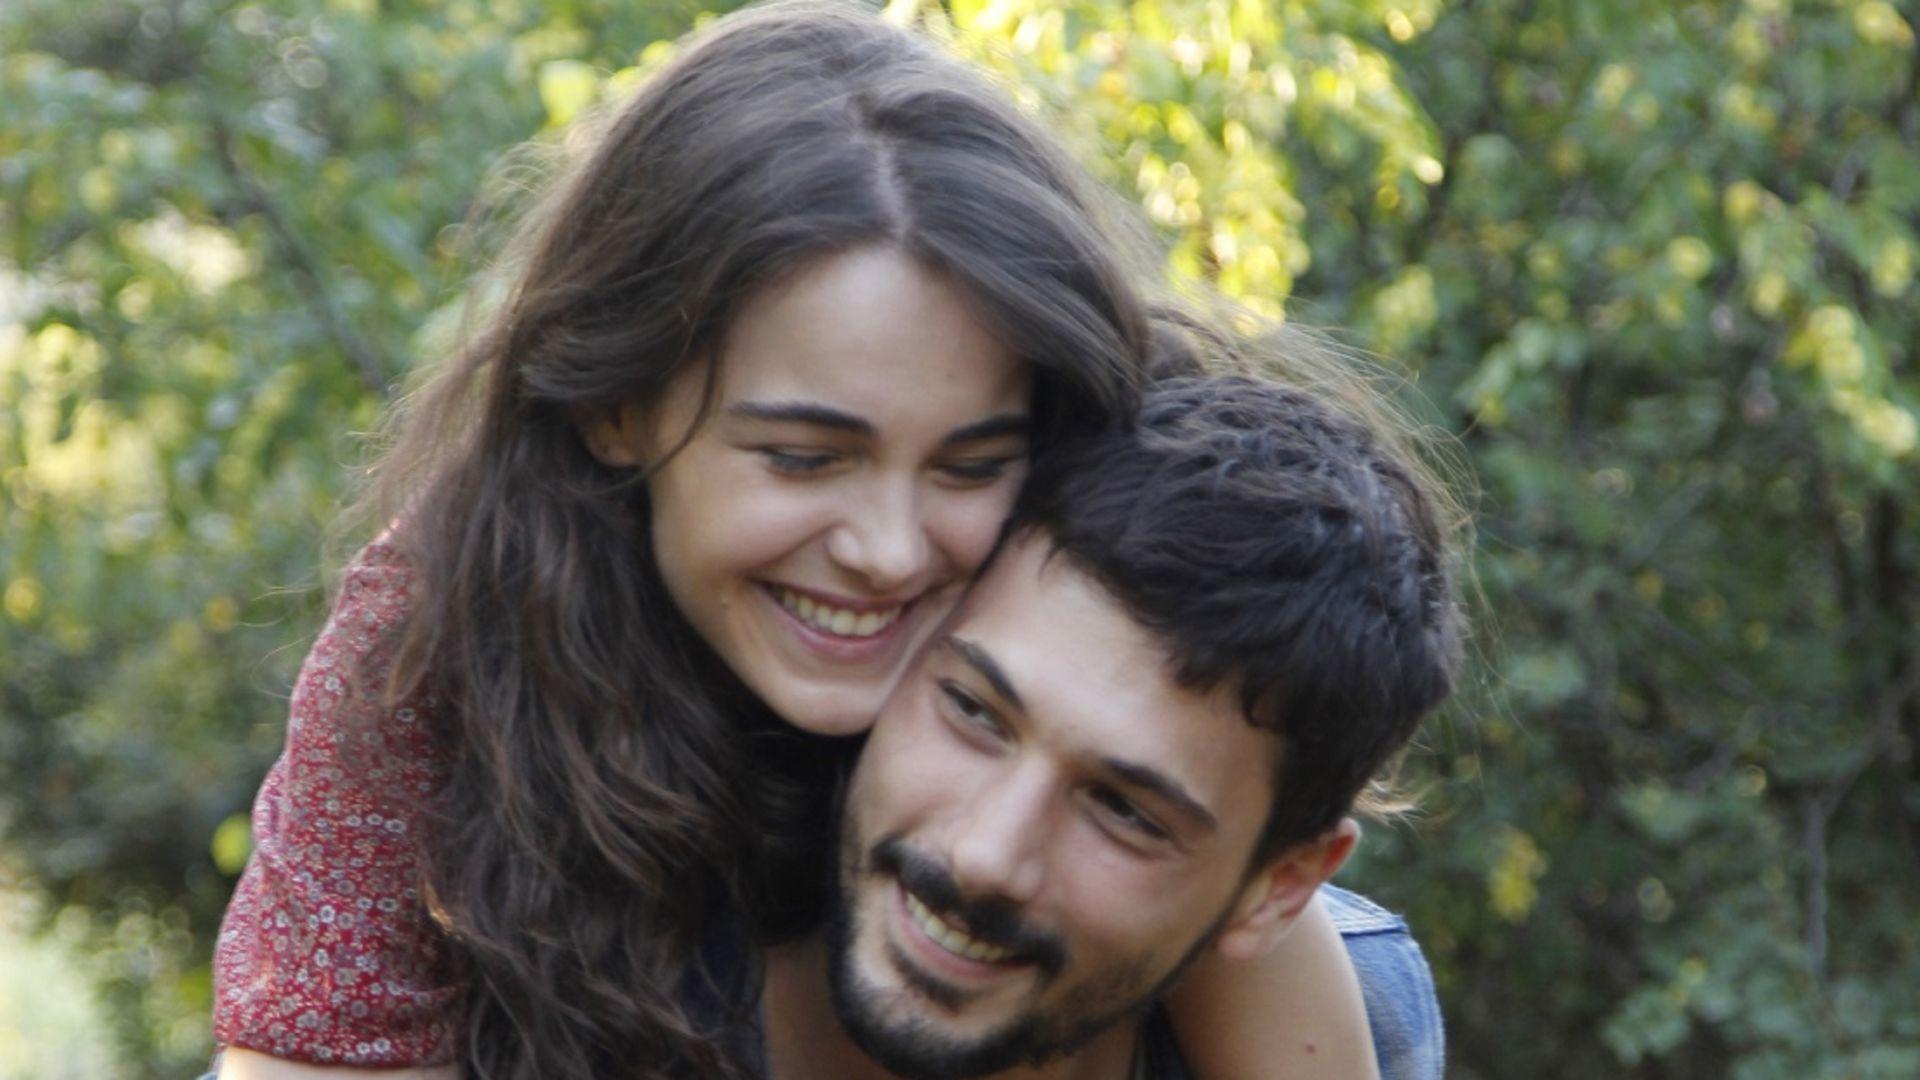 Aşk Ağlatır'ın çekimleri başladı!